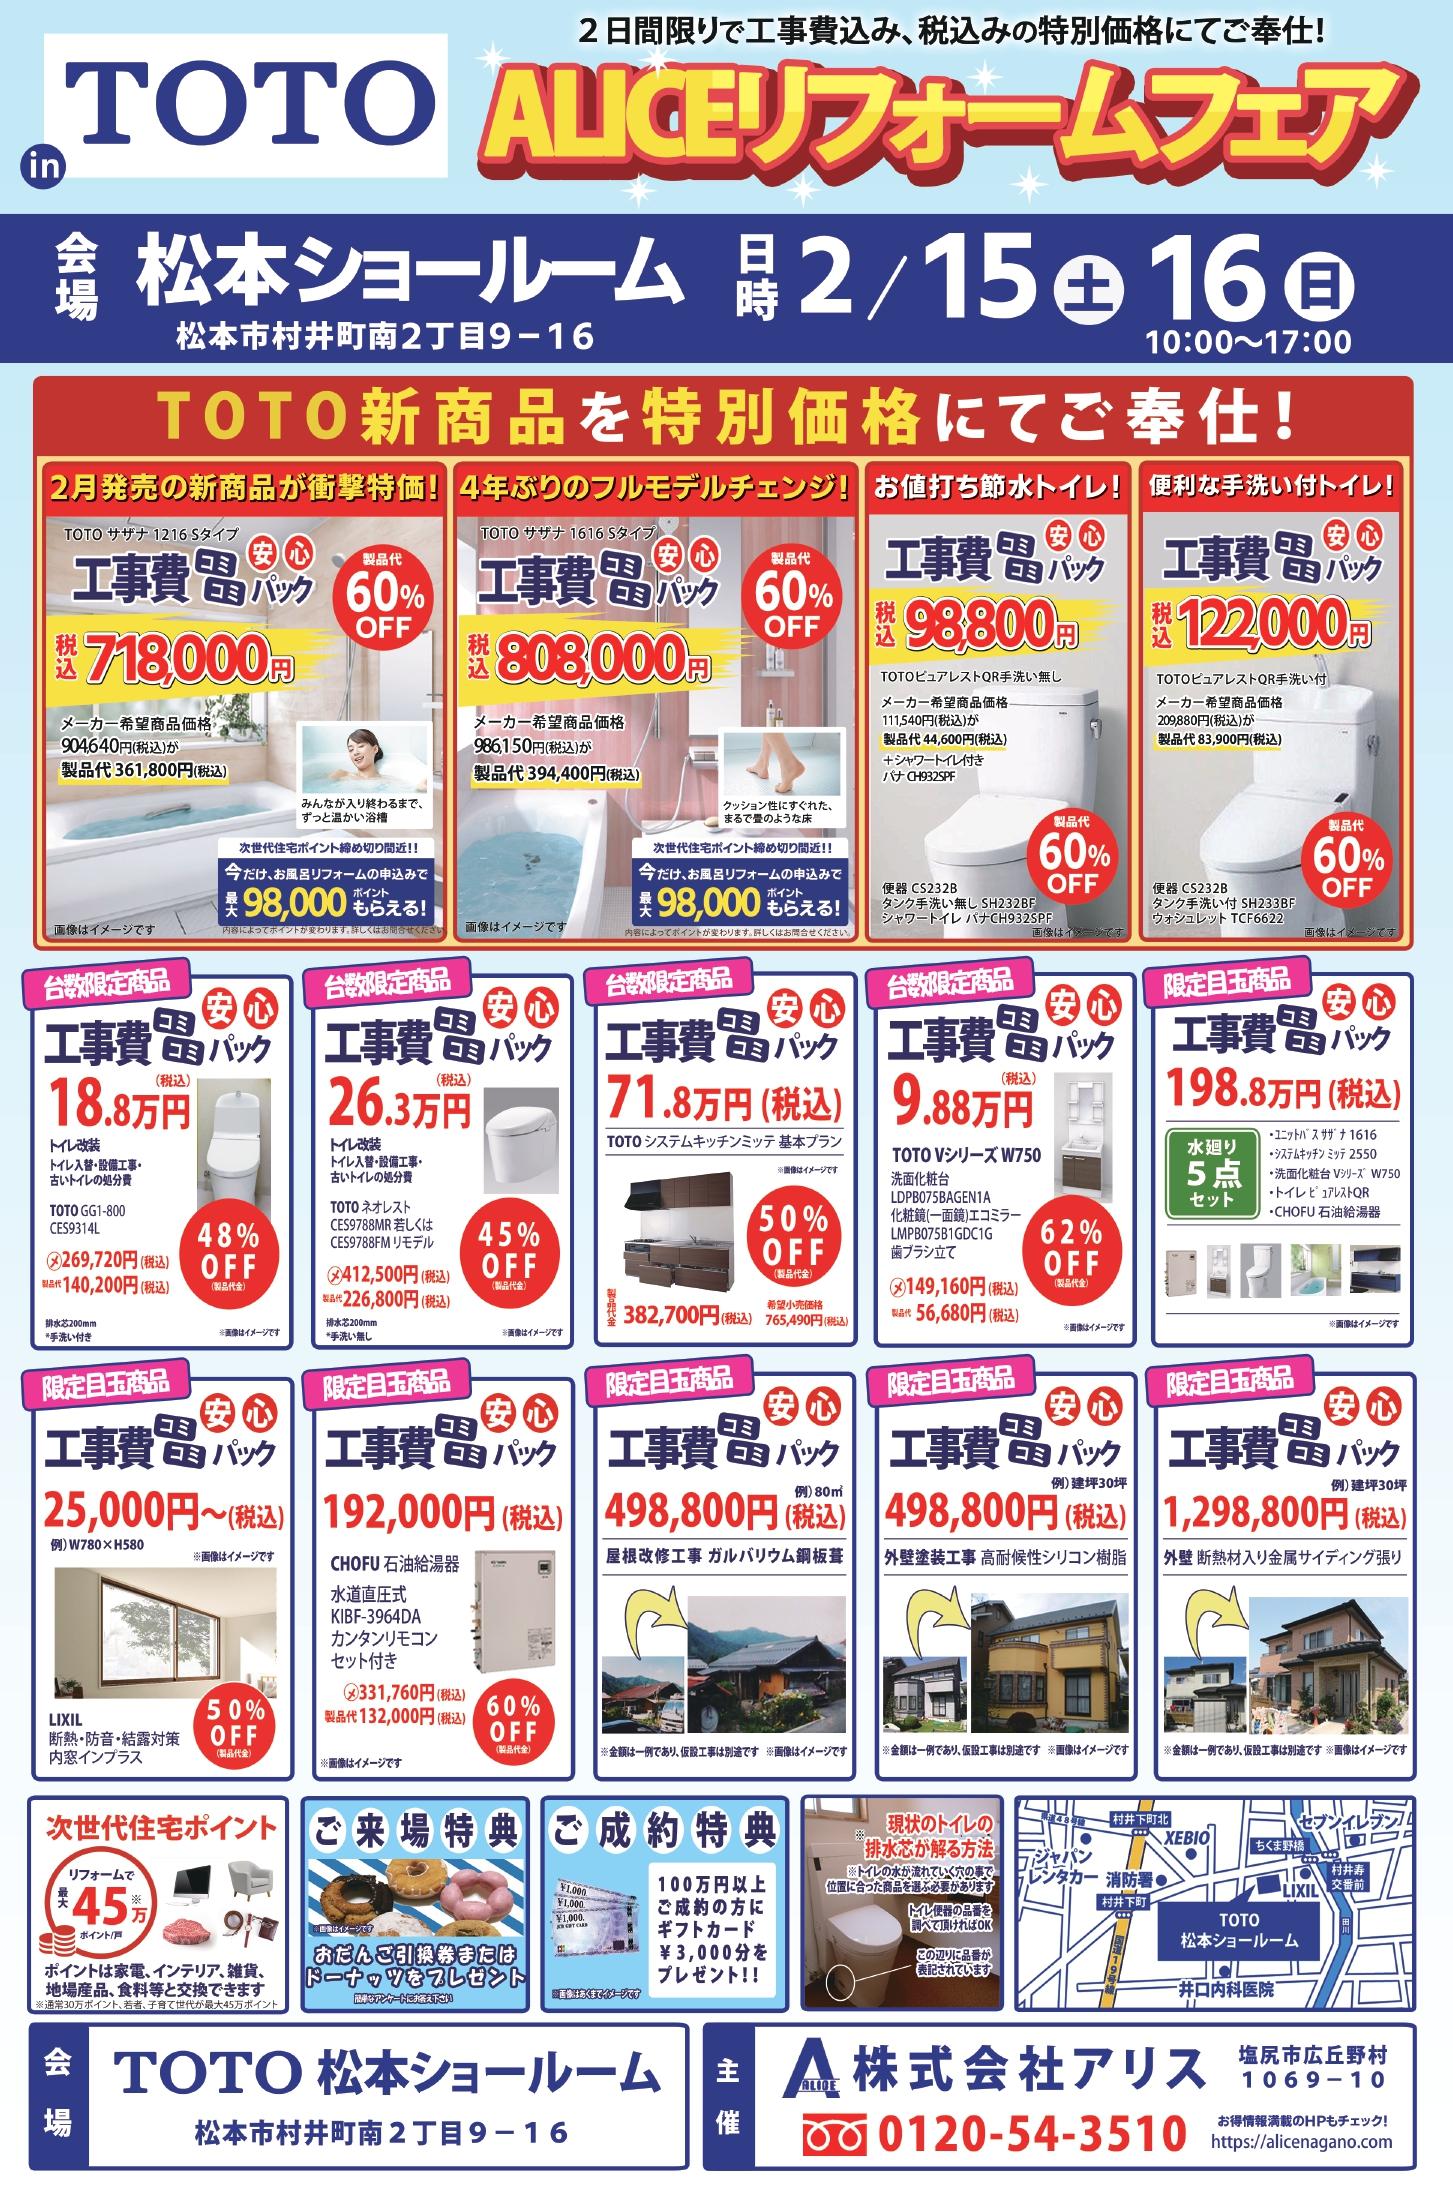 TOTO松本ショールームチラシ(200215/16)